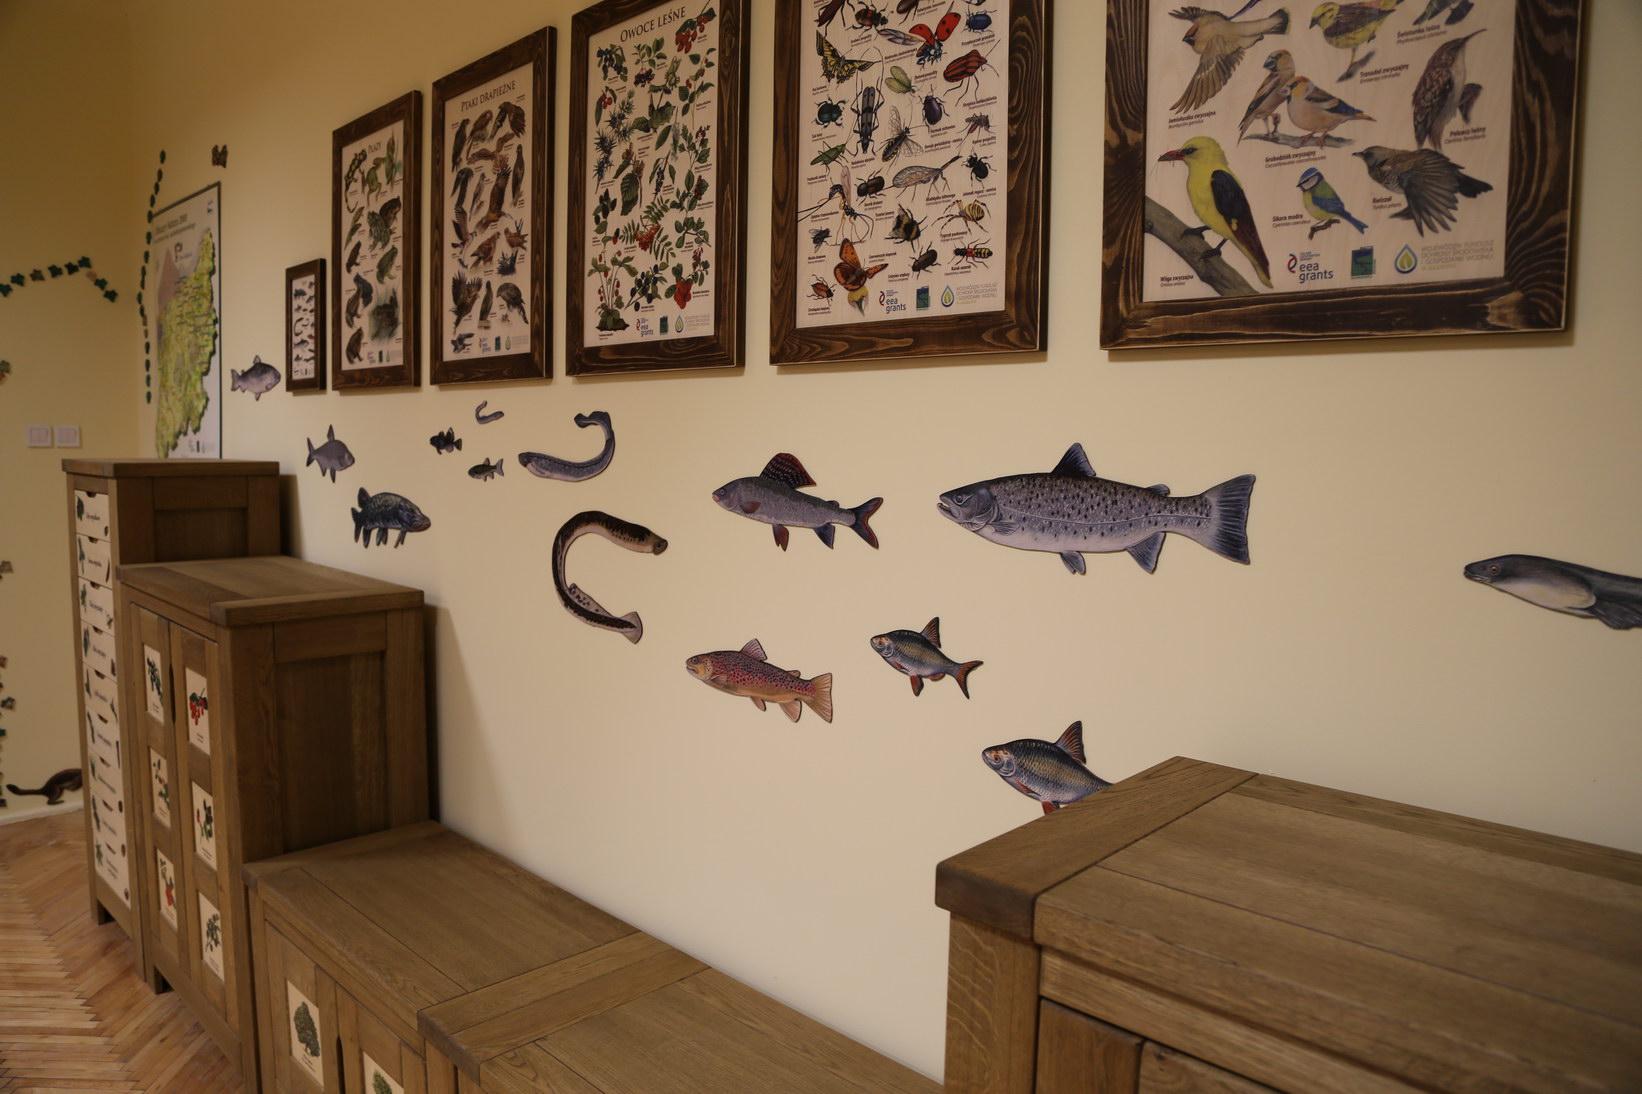 Dekoracje ścienne - Ryby